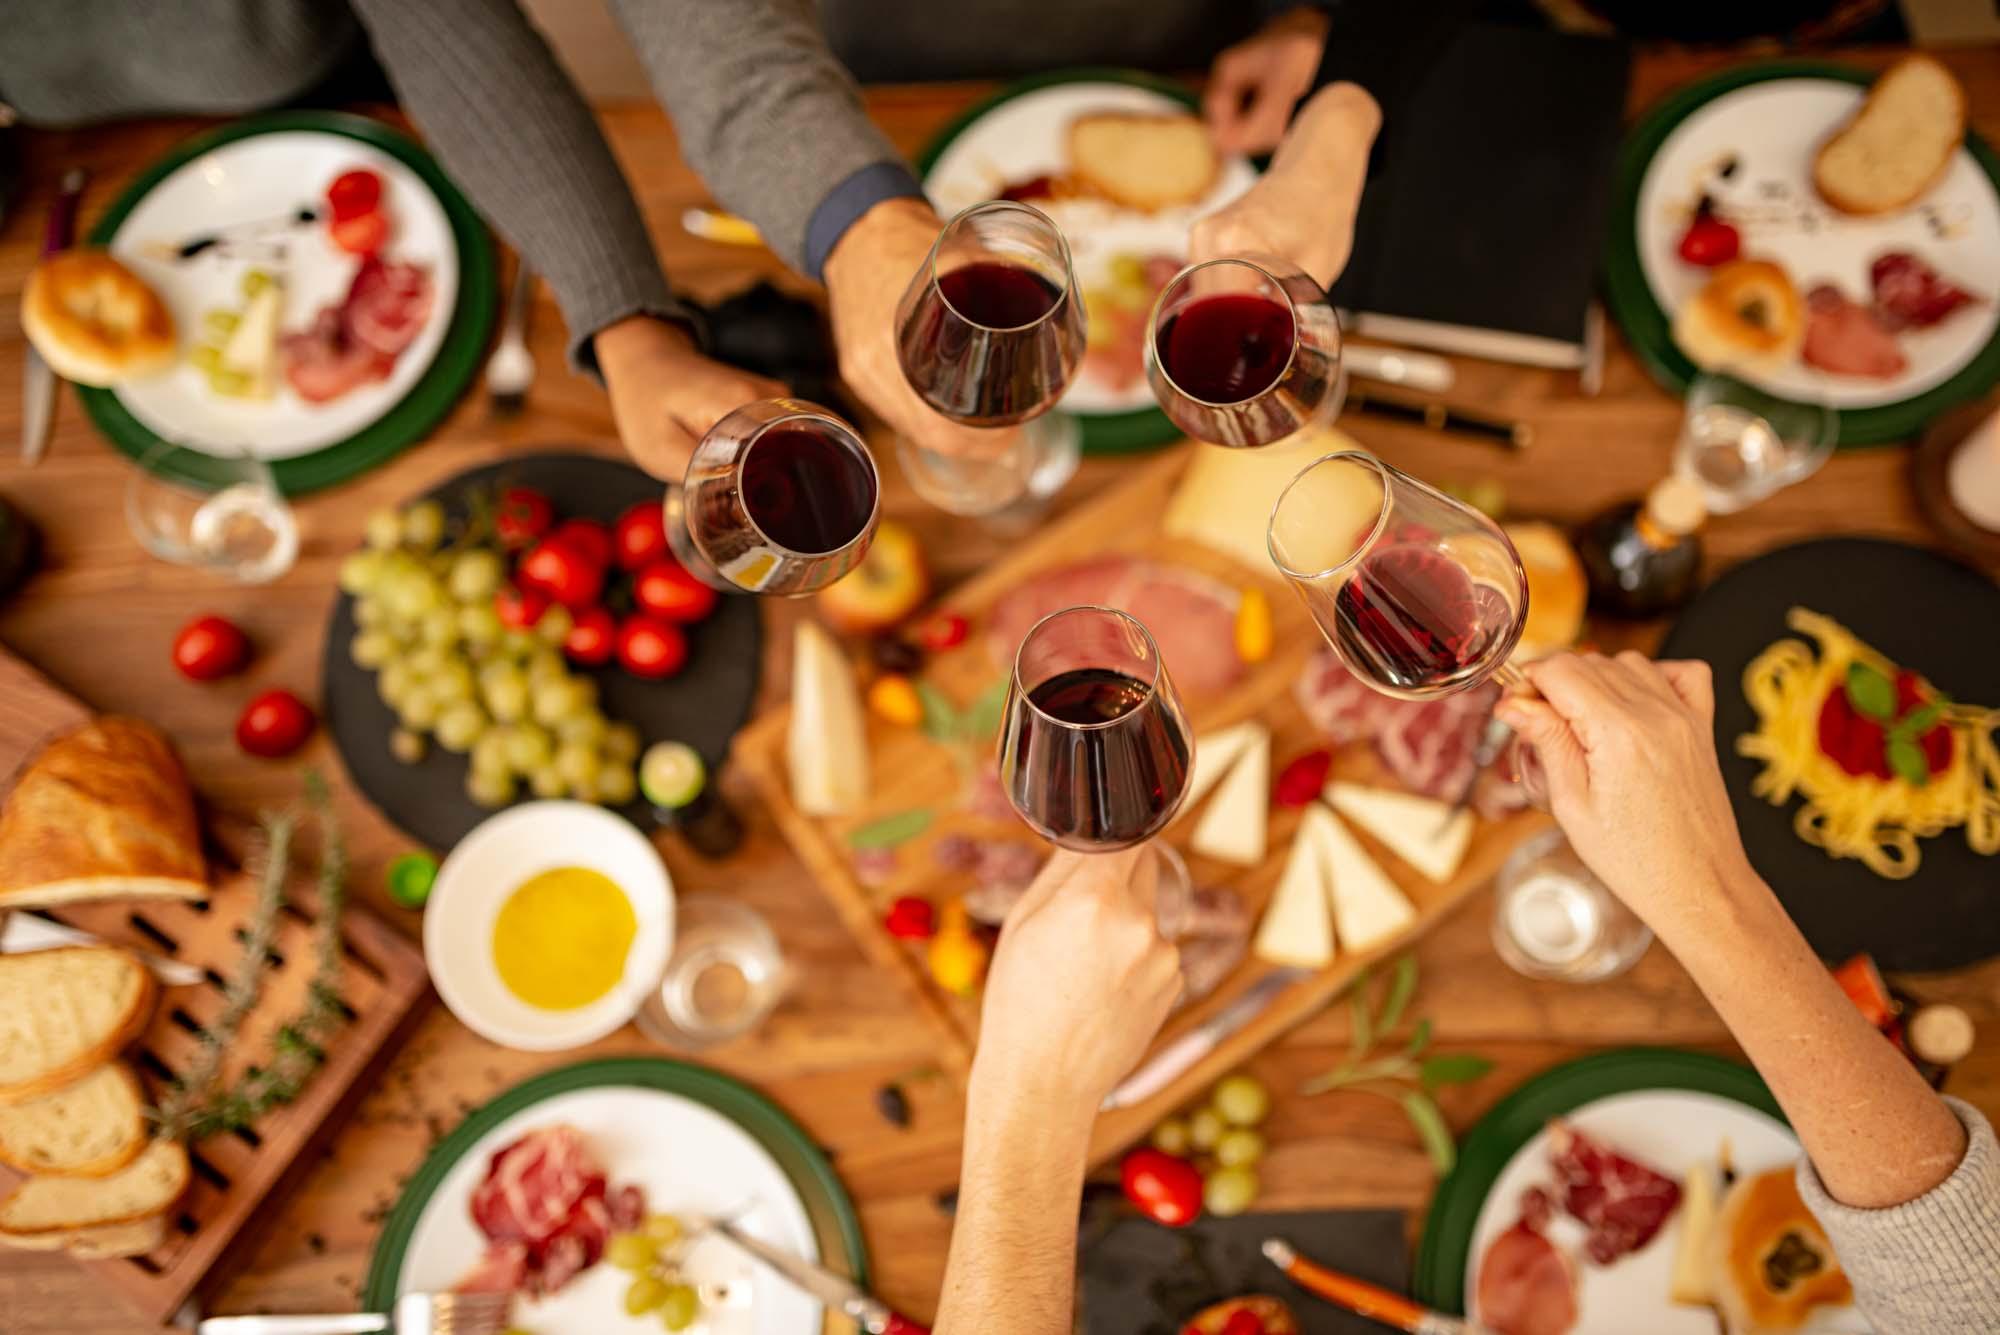 Cucina Amatoriale Formazione Manageriale a Trieste